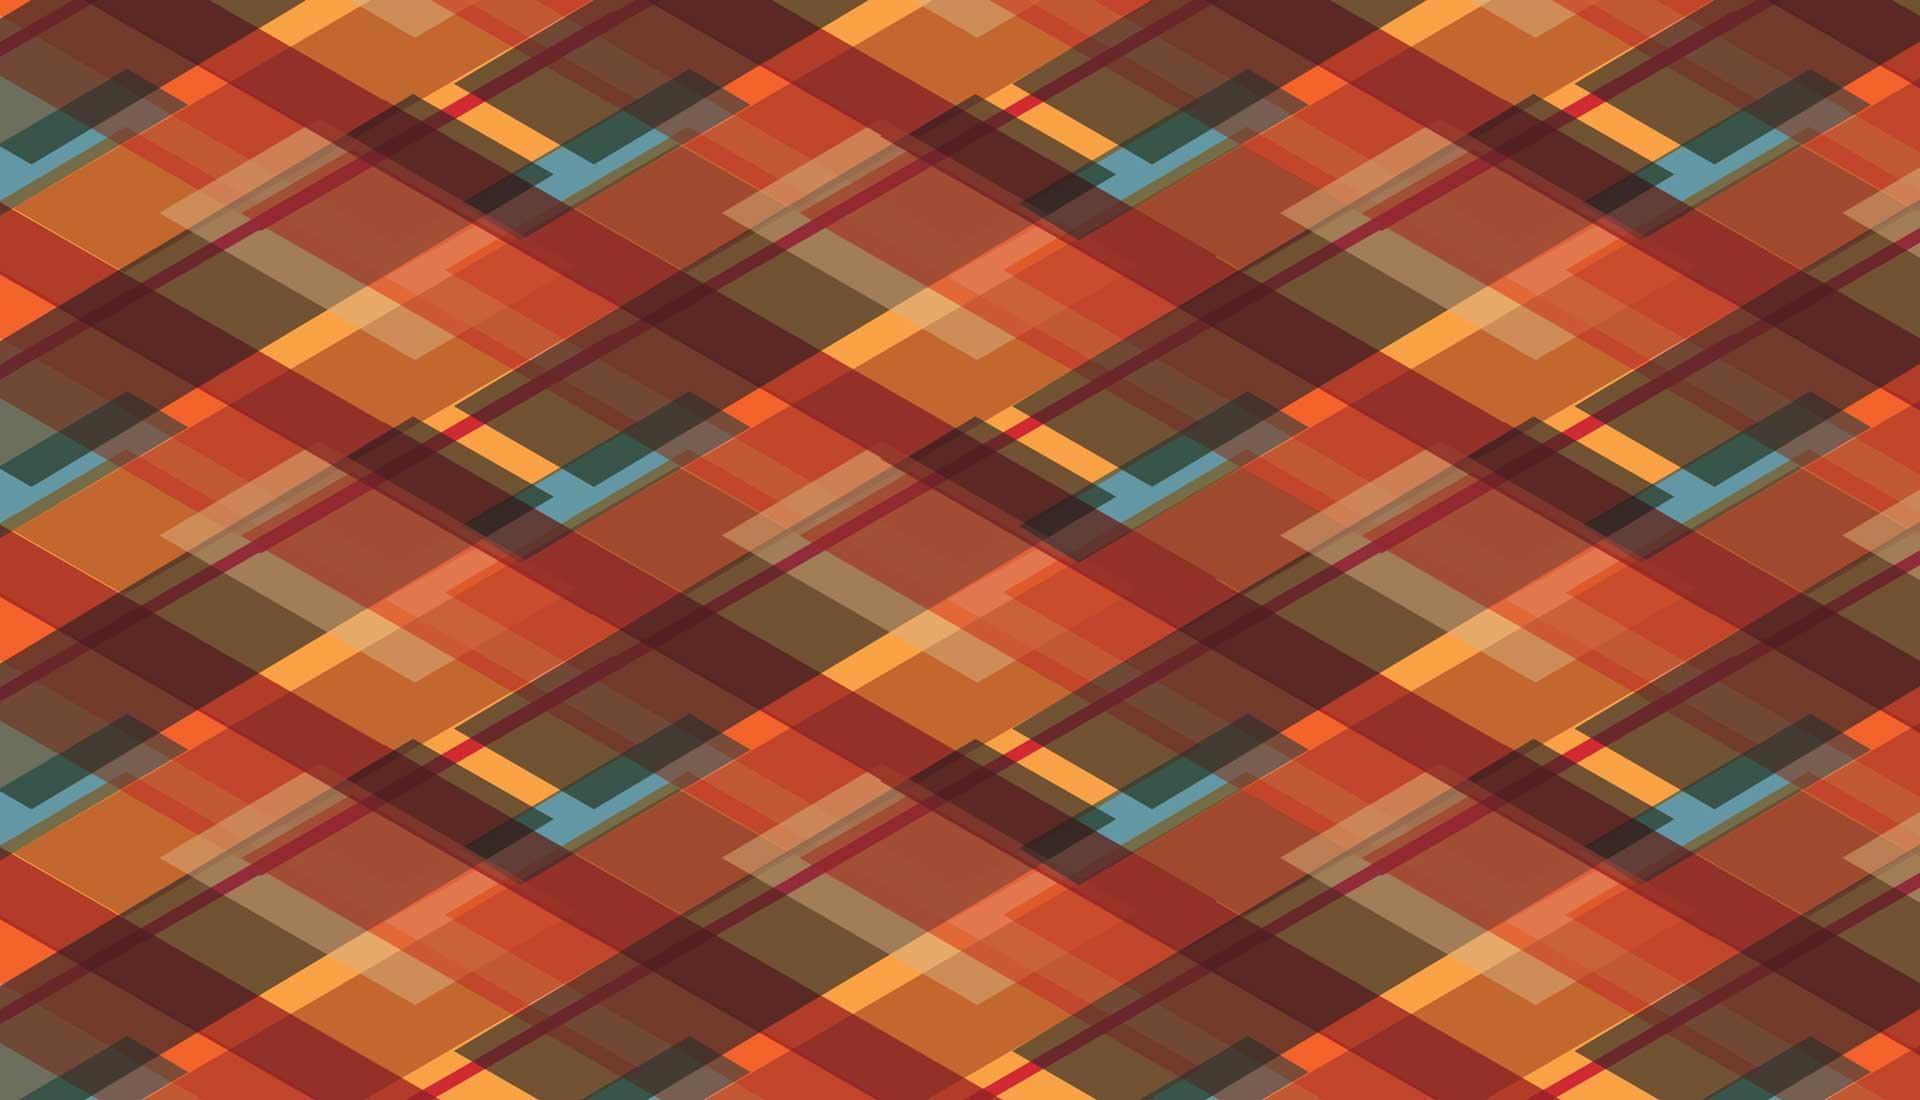 Wandgrafiek openbare ruimte ruit patroon full colour